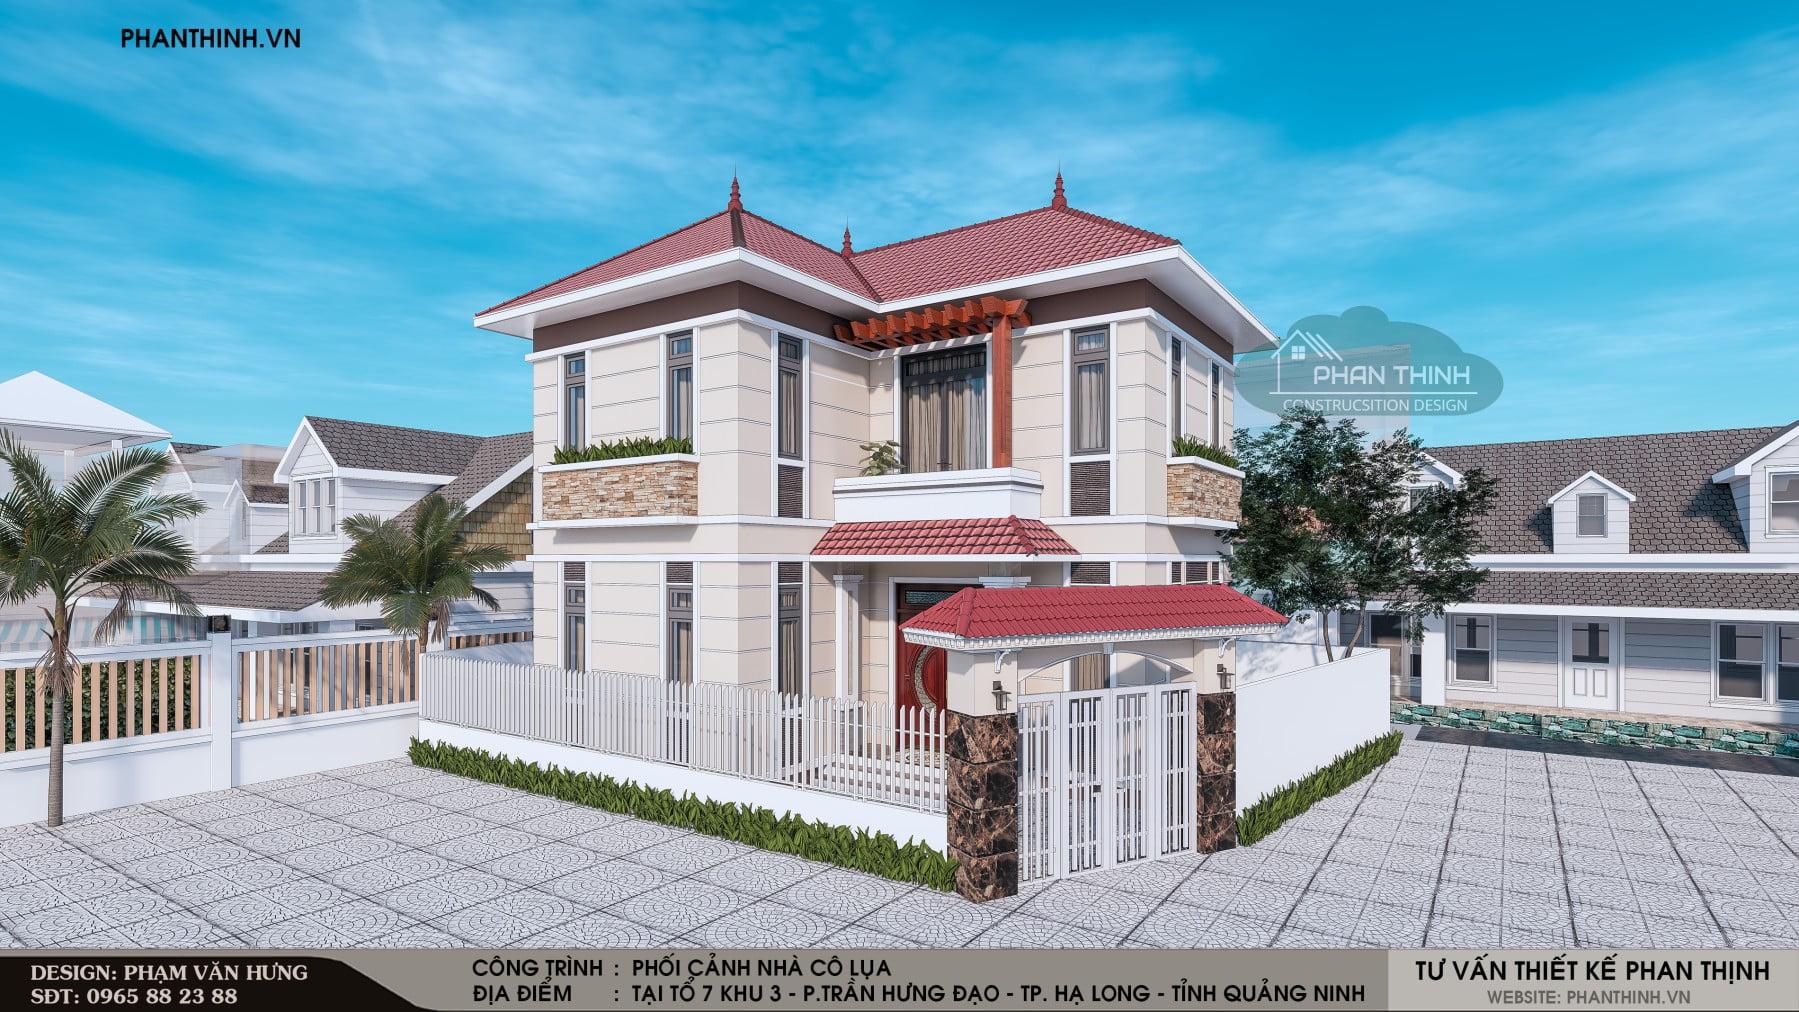 Phương án 03: Thiết kế xây dựng nhà mái thái 2 tầng